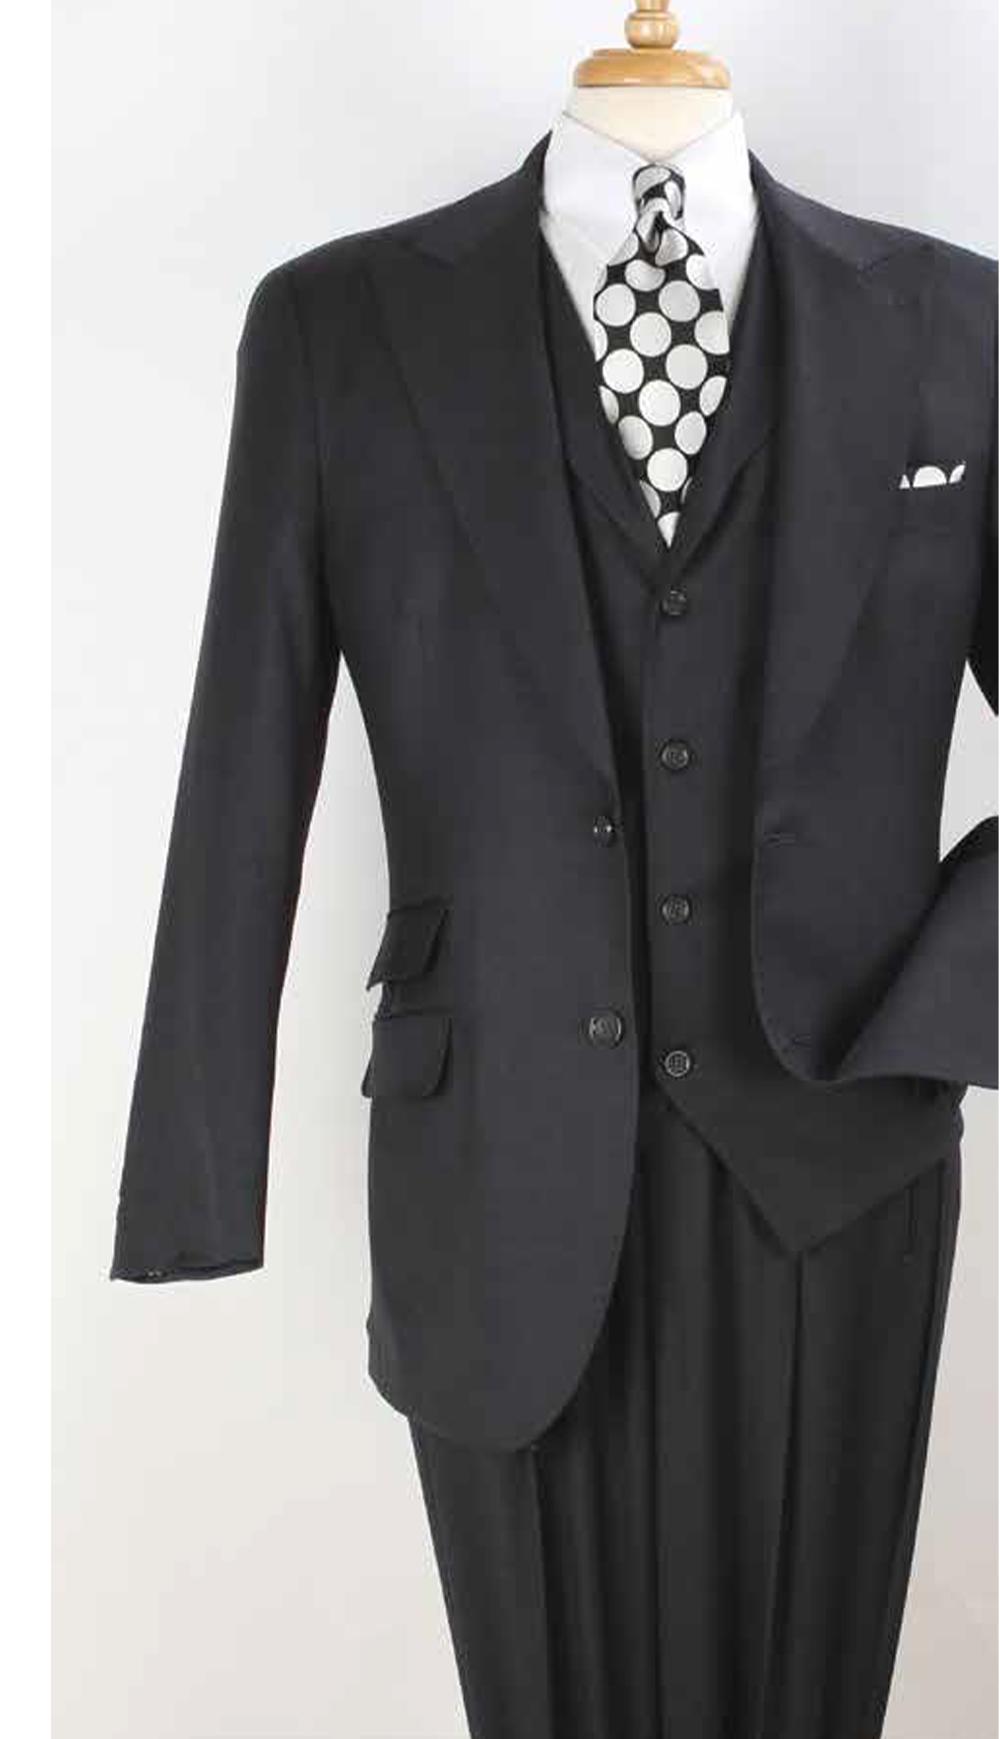 Men/'s Wool Feel Fashion Suit 4 hidden button,W//triple pleated back bk,brown 5605